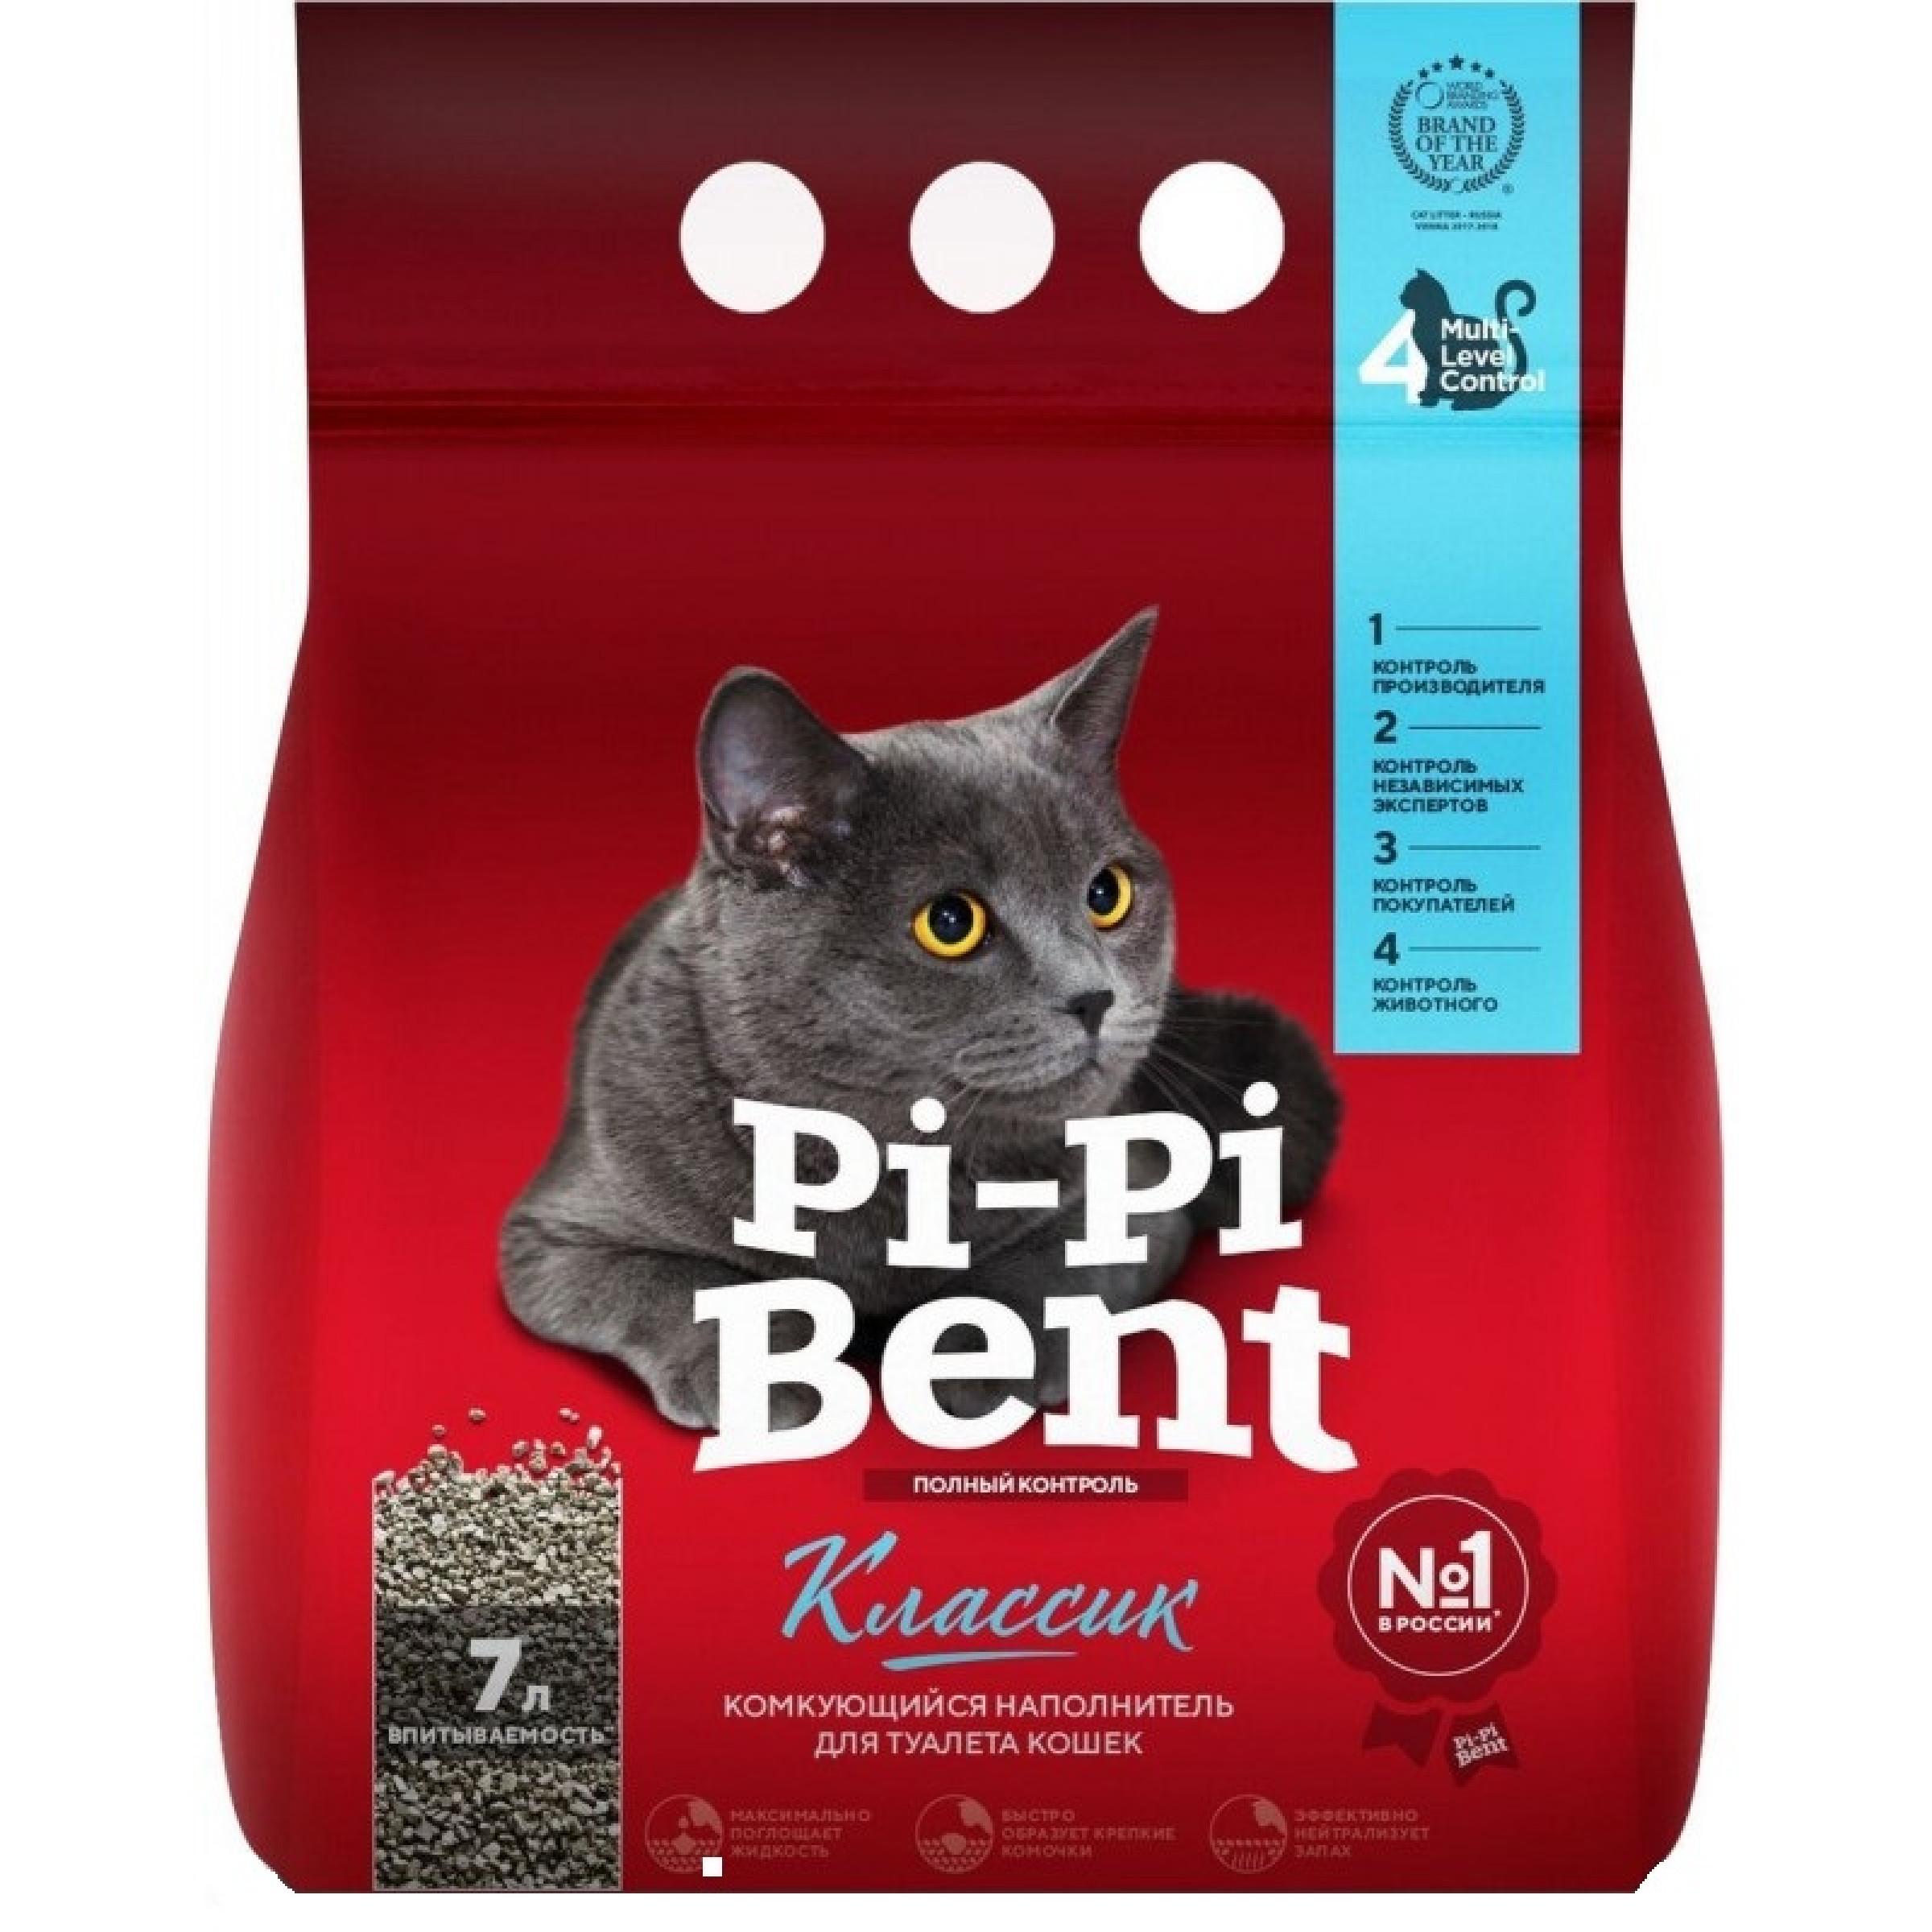 Наполнитель Pi-Pi Bent Classic комкующийся, 3 кг